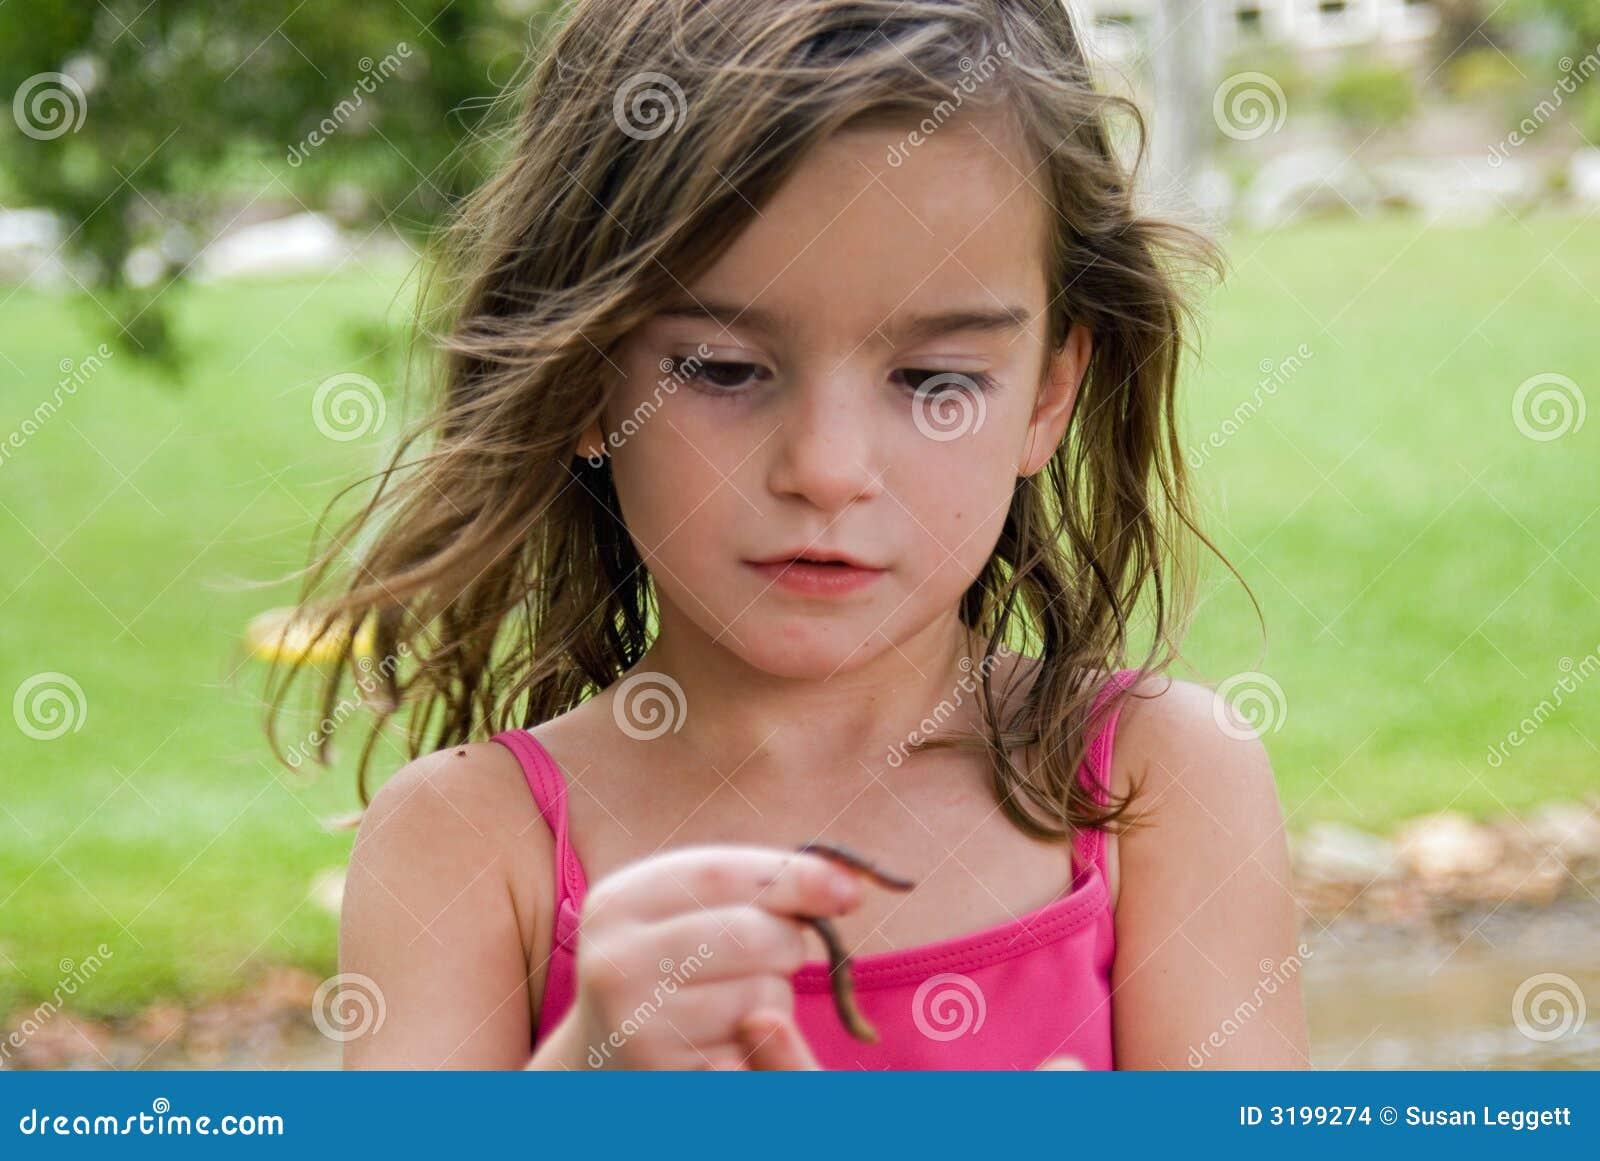 Mädchen, das eine Endlosschraube betrachtet